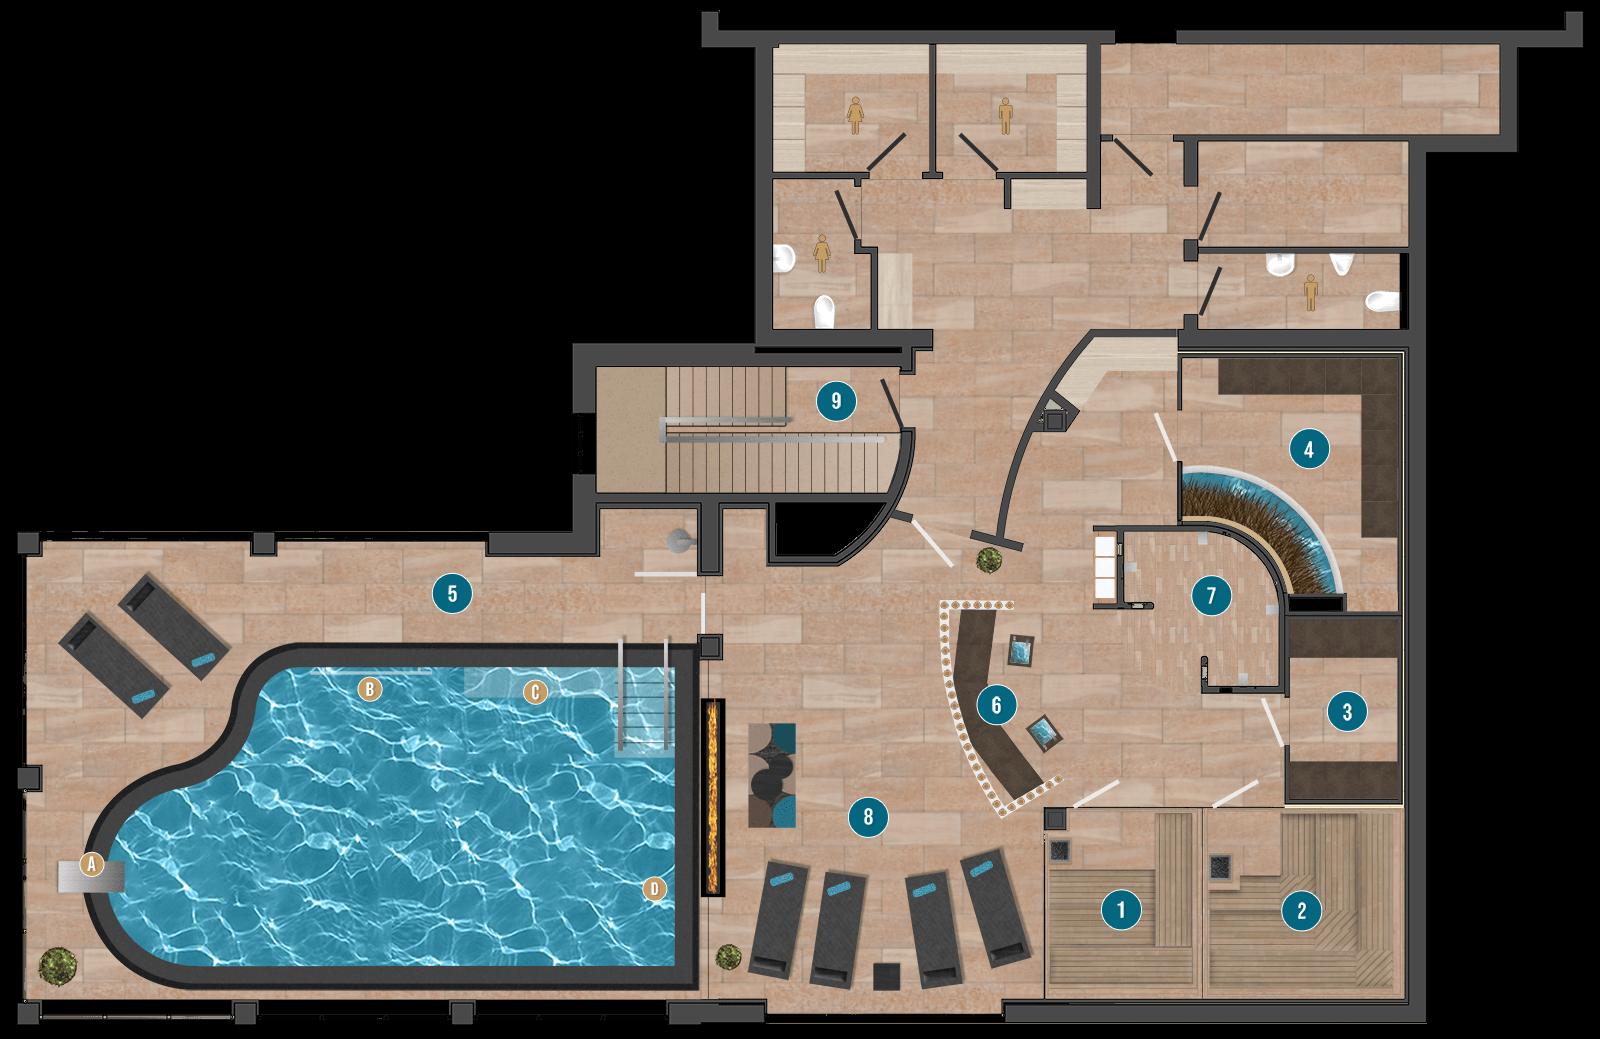 Grundriss Wellnessbereich: (1) Bio Sauna (2) Finnische Sauna (3) Dampfbad (4) Soleraum (5) Schwimmhalle a) Schwalldusche b) Massage c) Luftsprudelsitzbank d) Gegenstromanlage (6) Wärmebänke (7) Duschen (8) Ruheraum (9) Treppenhaus zum Raum der Stille